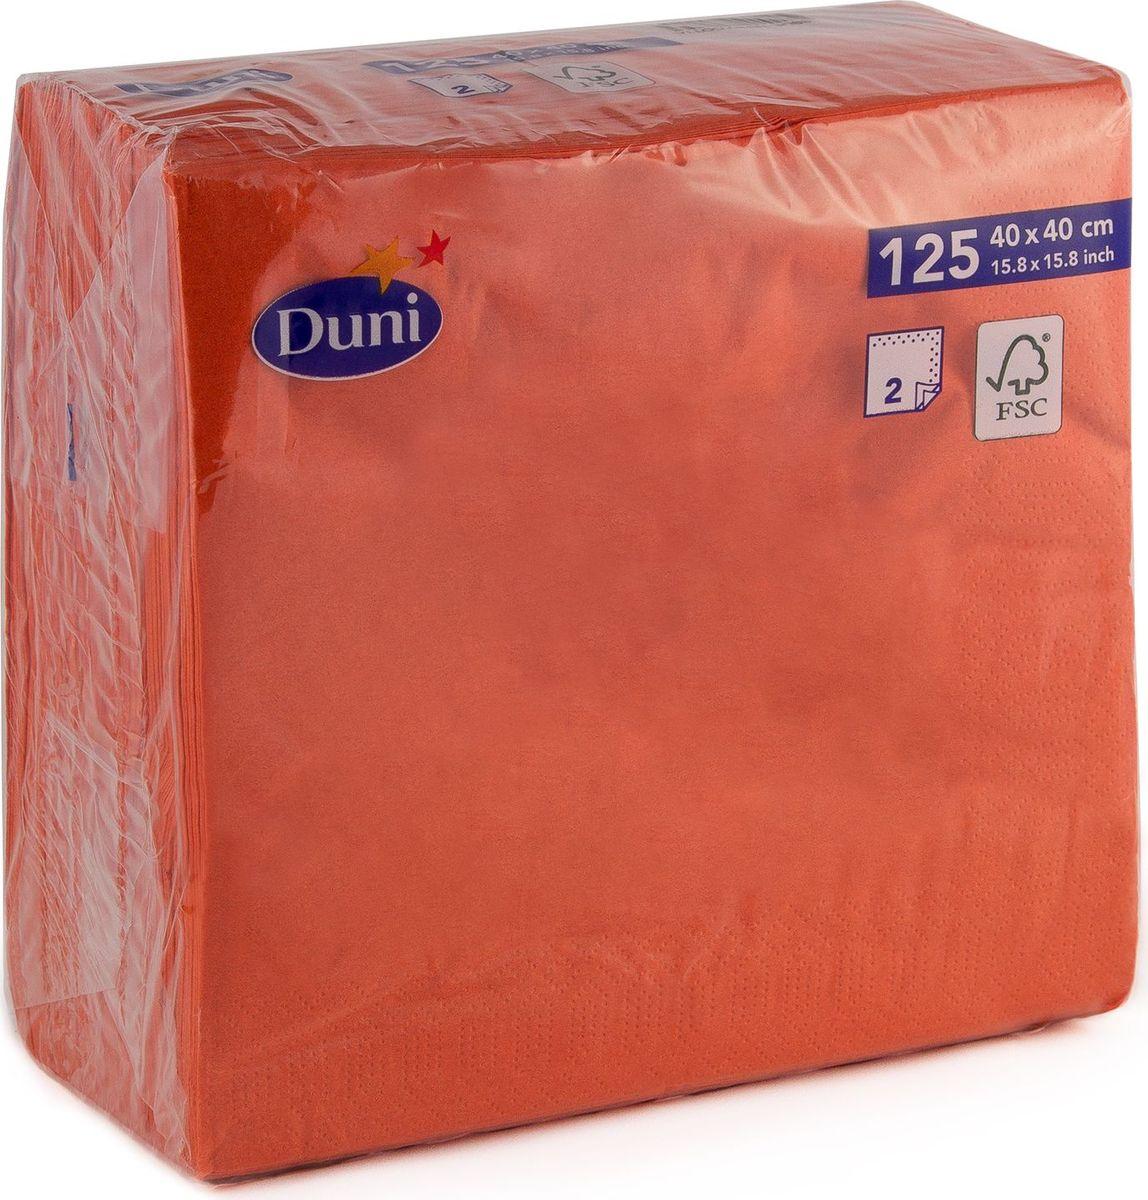 Салфетки бумажные Duni, 2-слойные, цвет: красный, 40 см19201Многослойные бумажные салфетки изготовлены из экологически чистого, высококачественного сырья - 100% целлюлозы. Салфетки выполнены в оригинальном и современном стиле, прекрасно сочетаются с любым интерьером и всегда будут прекрасным и незаменимым украшением стола.